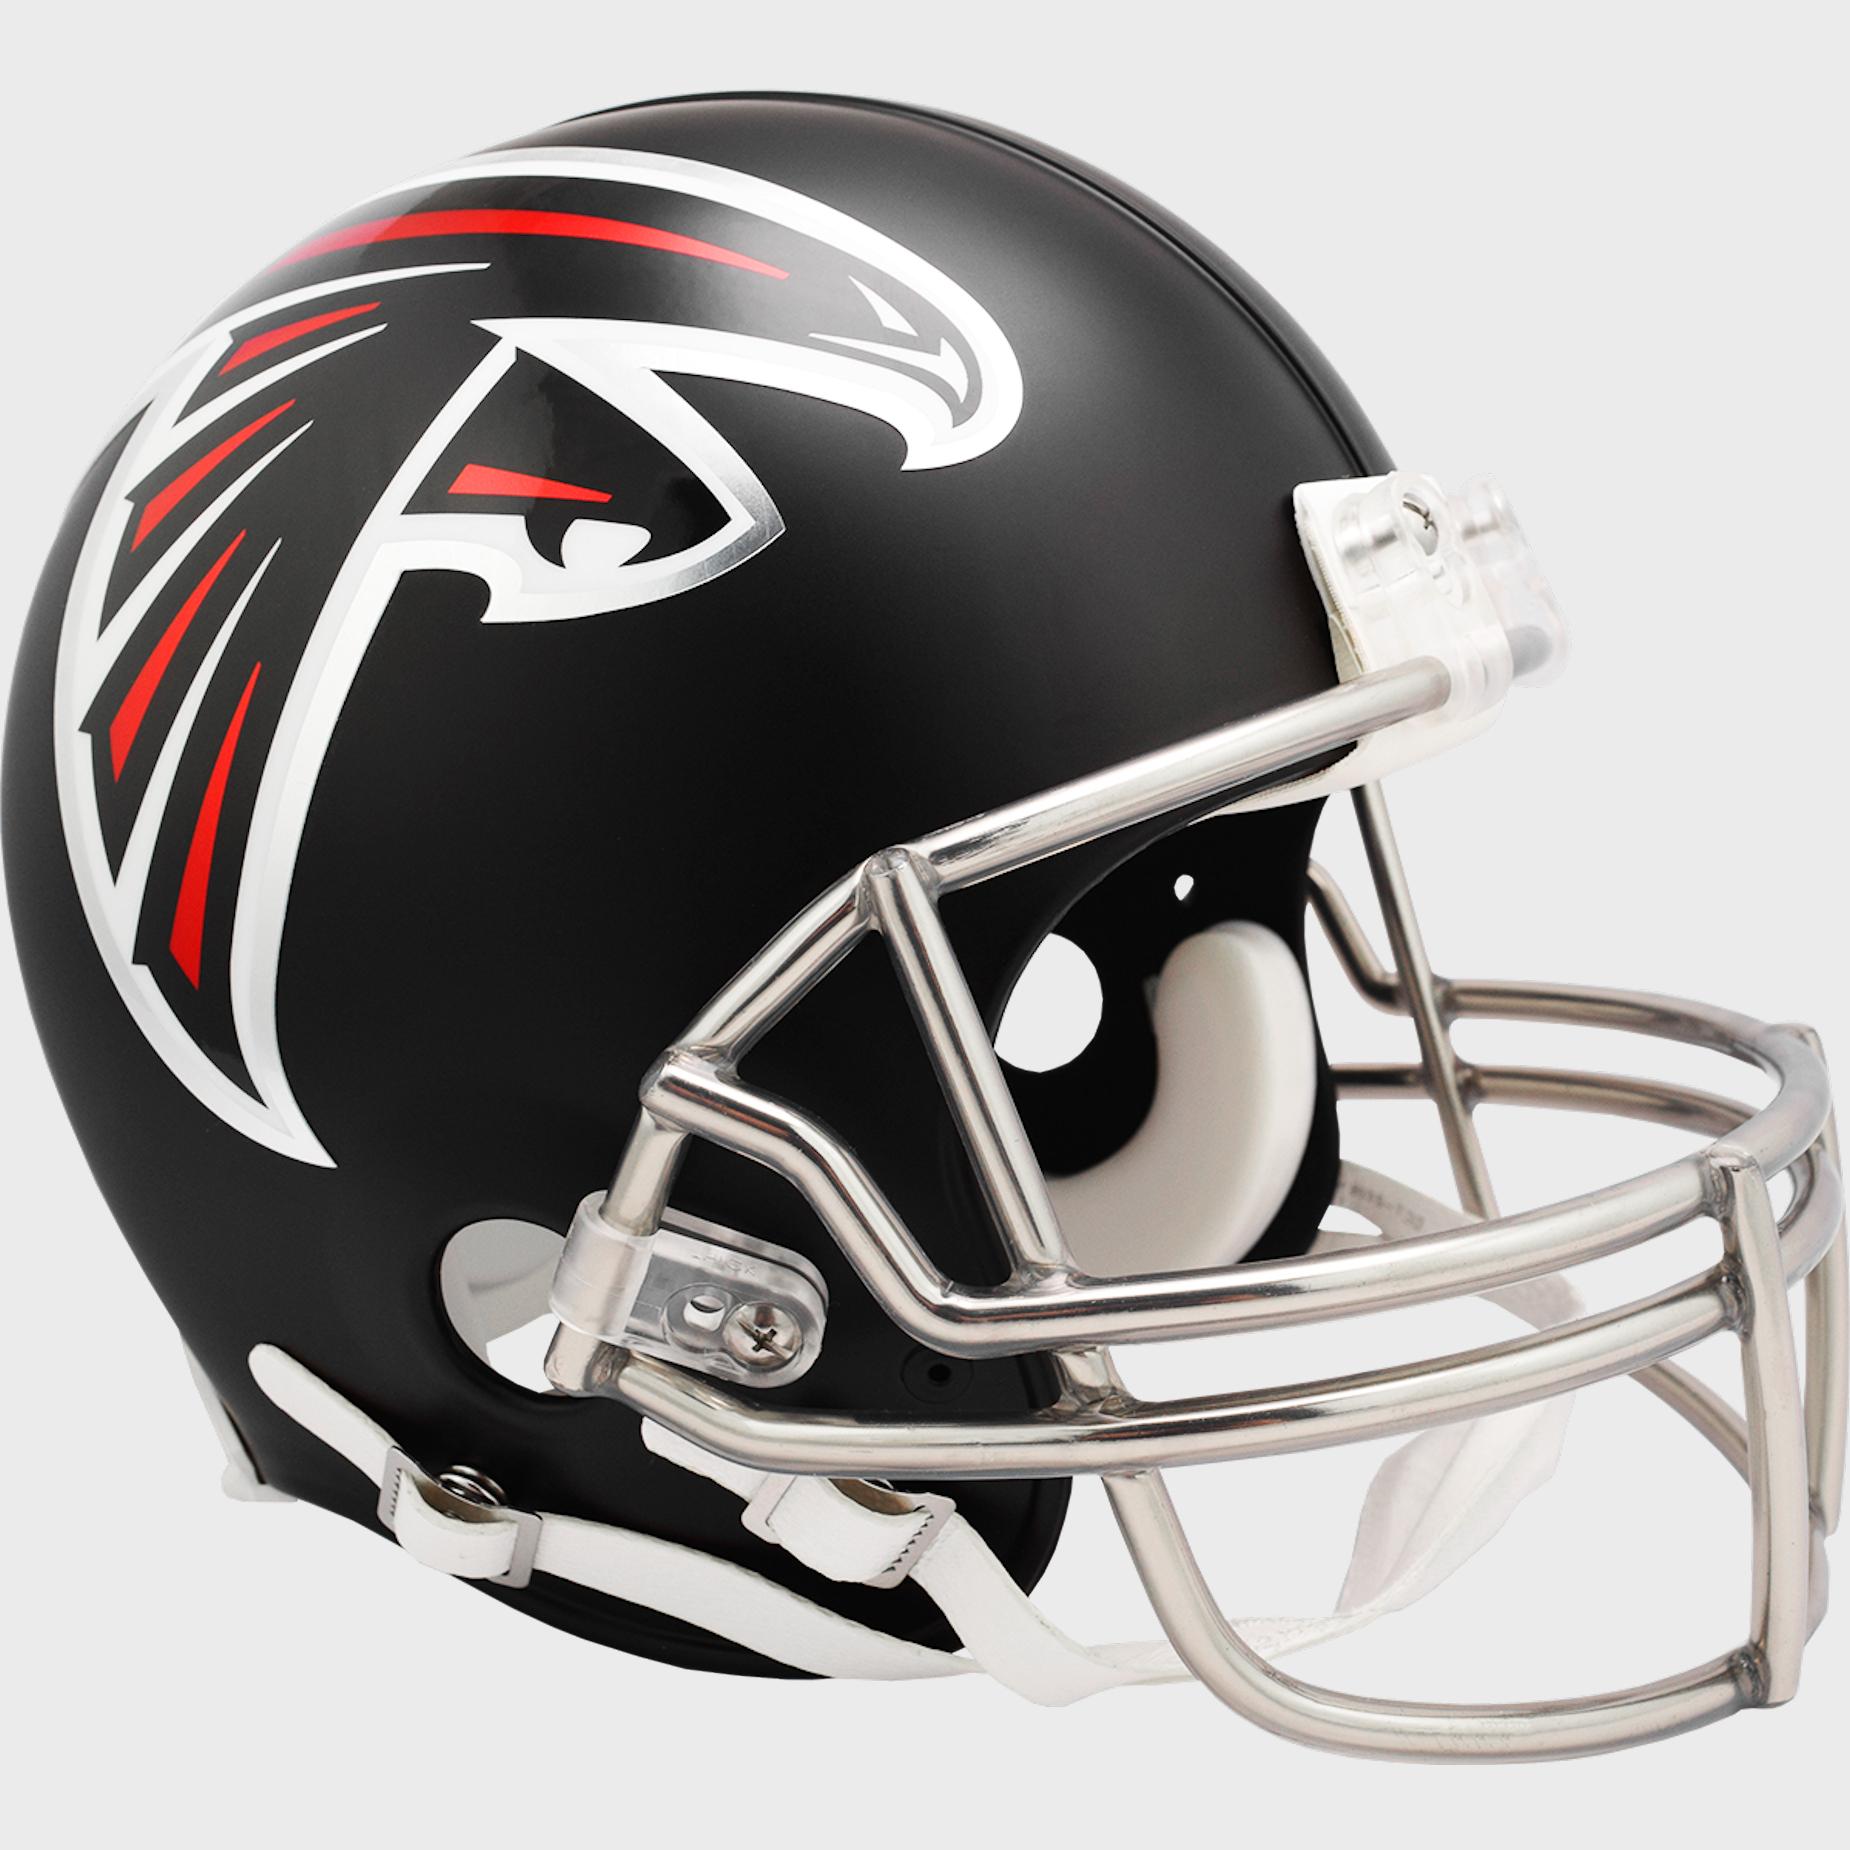 Atlanta Falcons Football Helmet <B>NEW 2020</B>